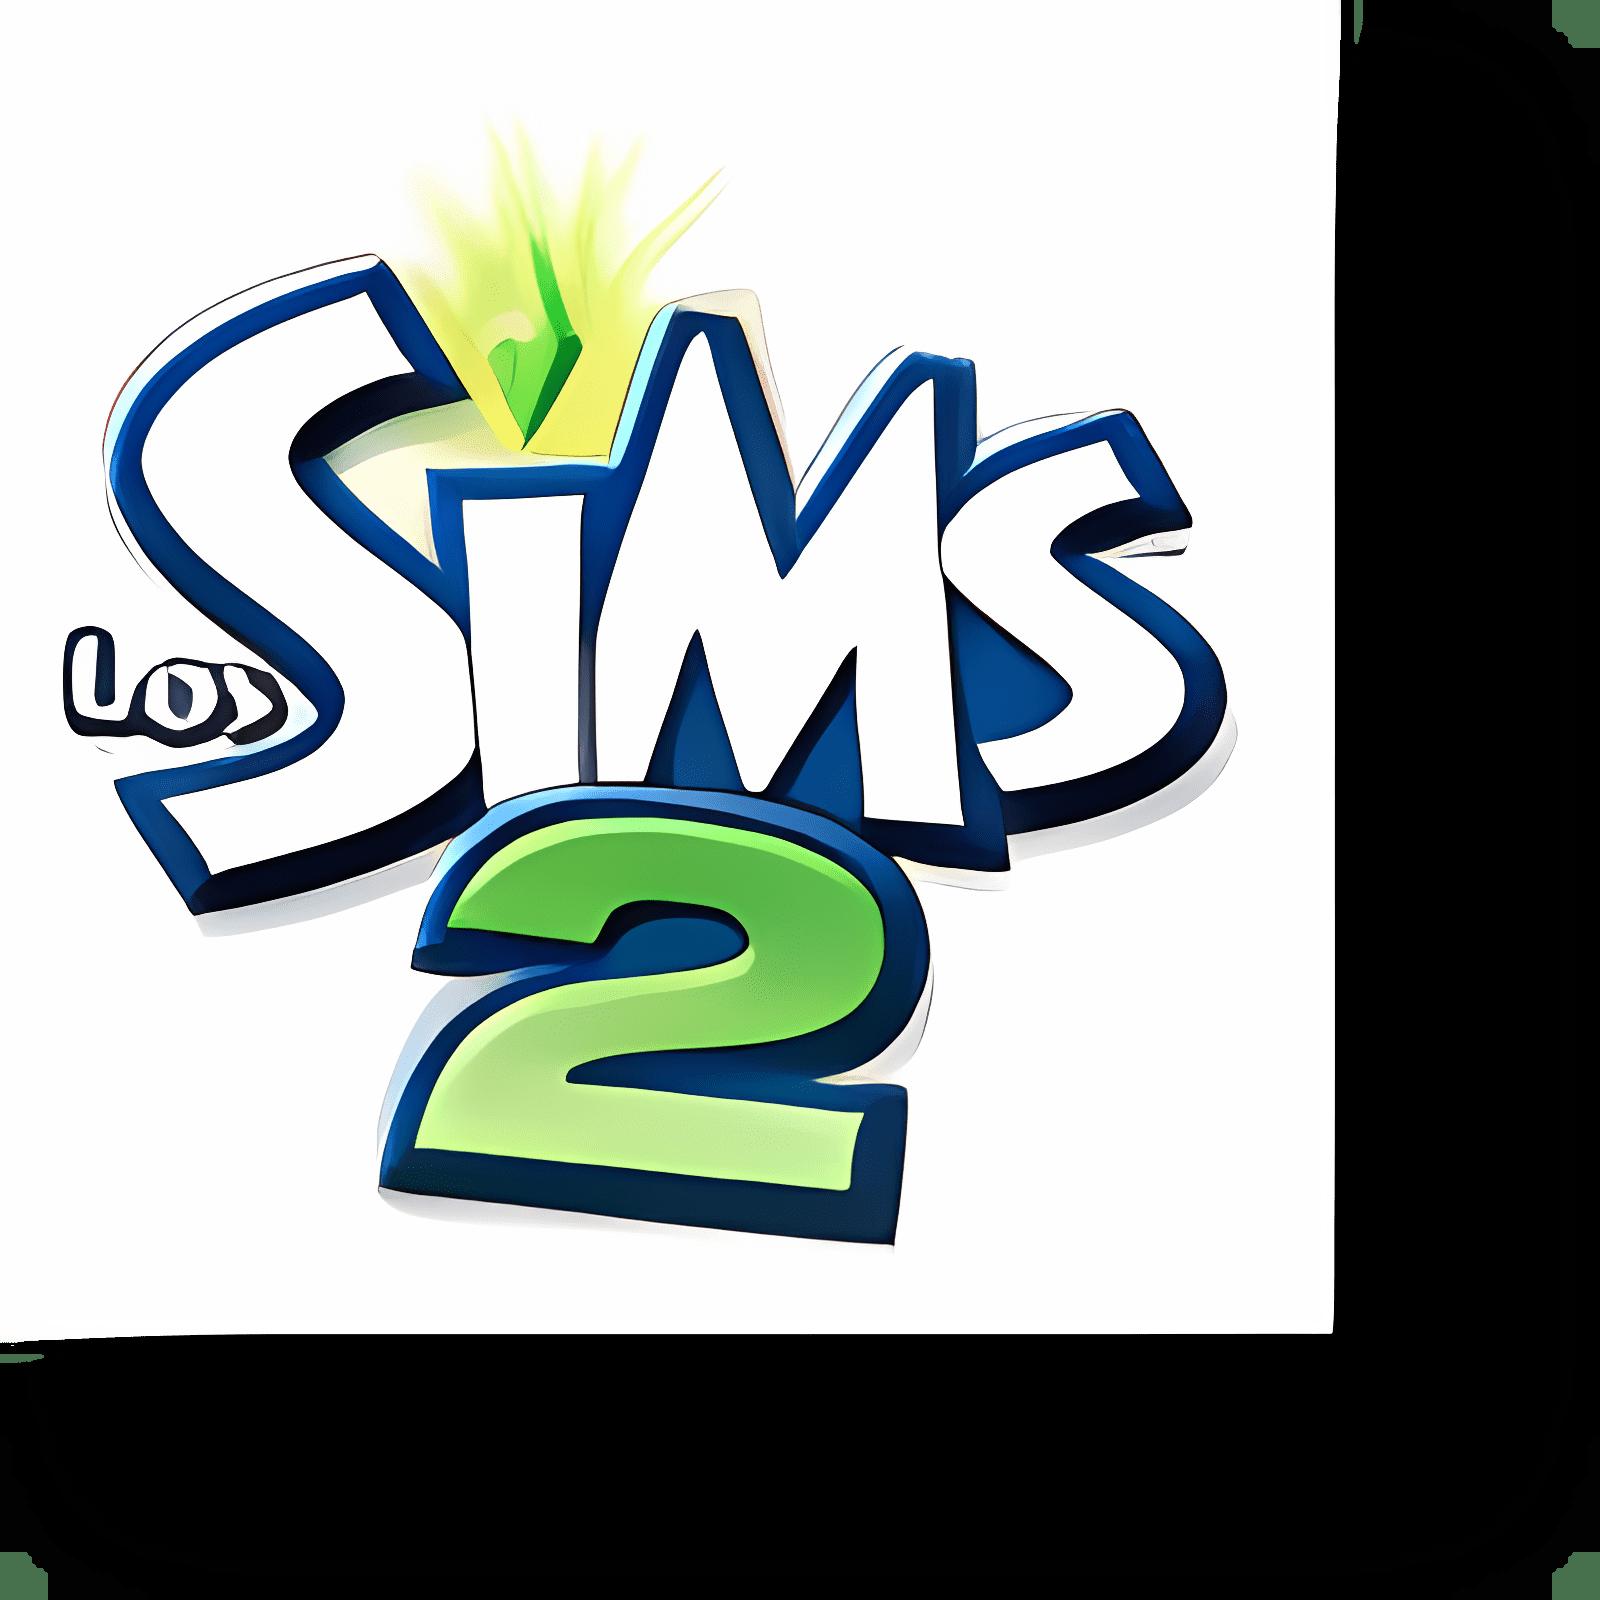 De Sims 2 2